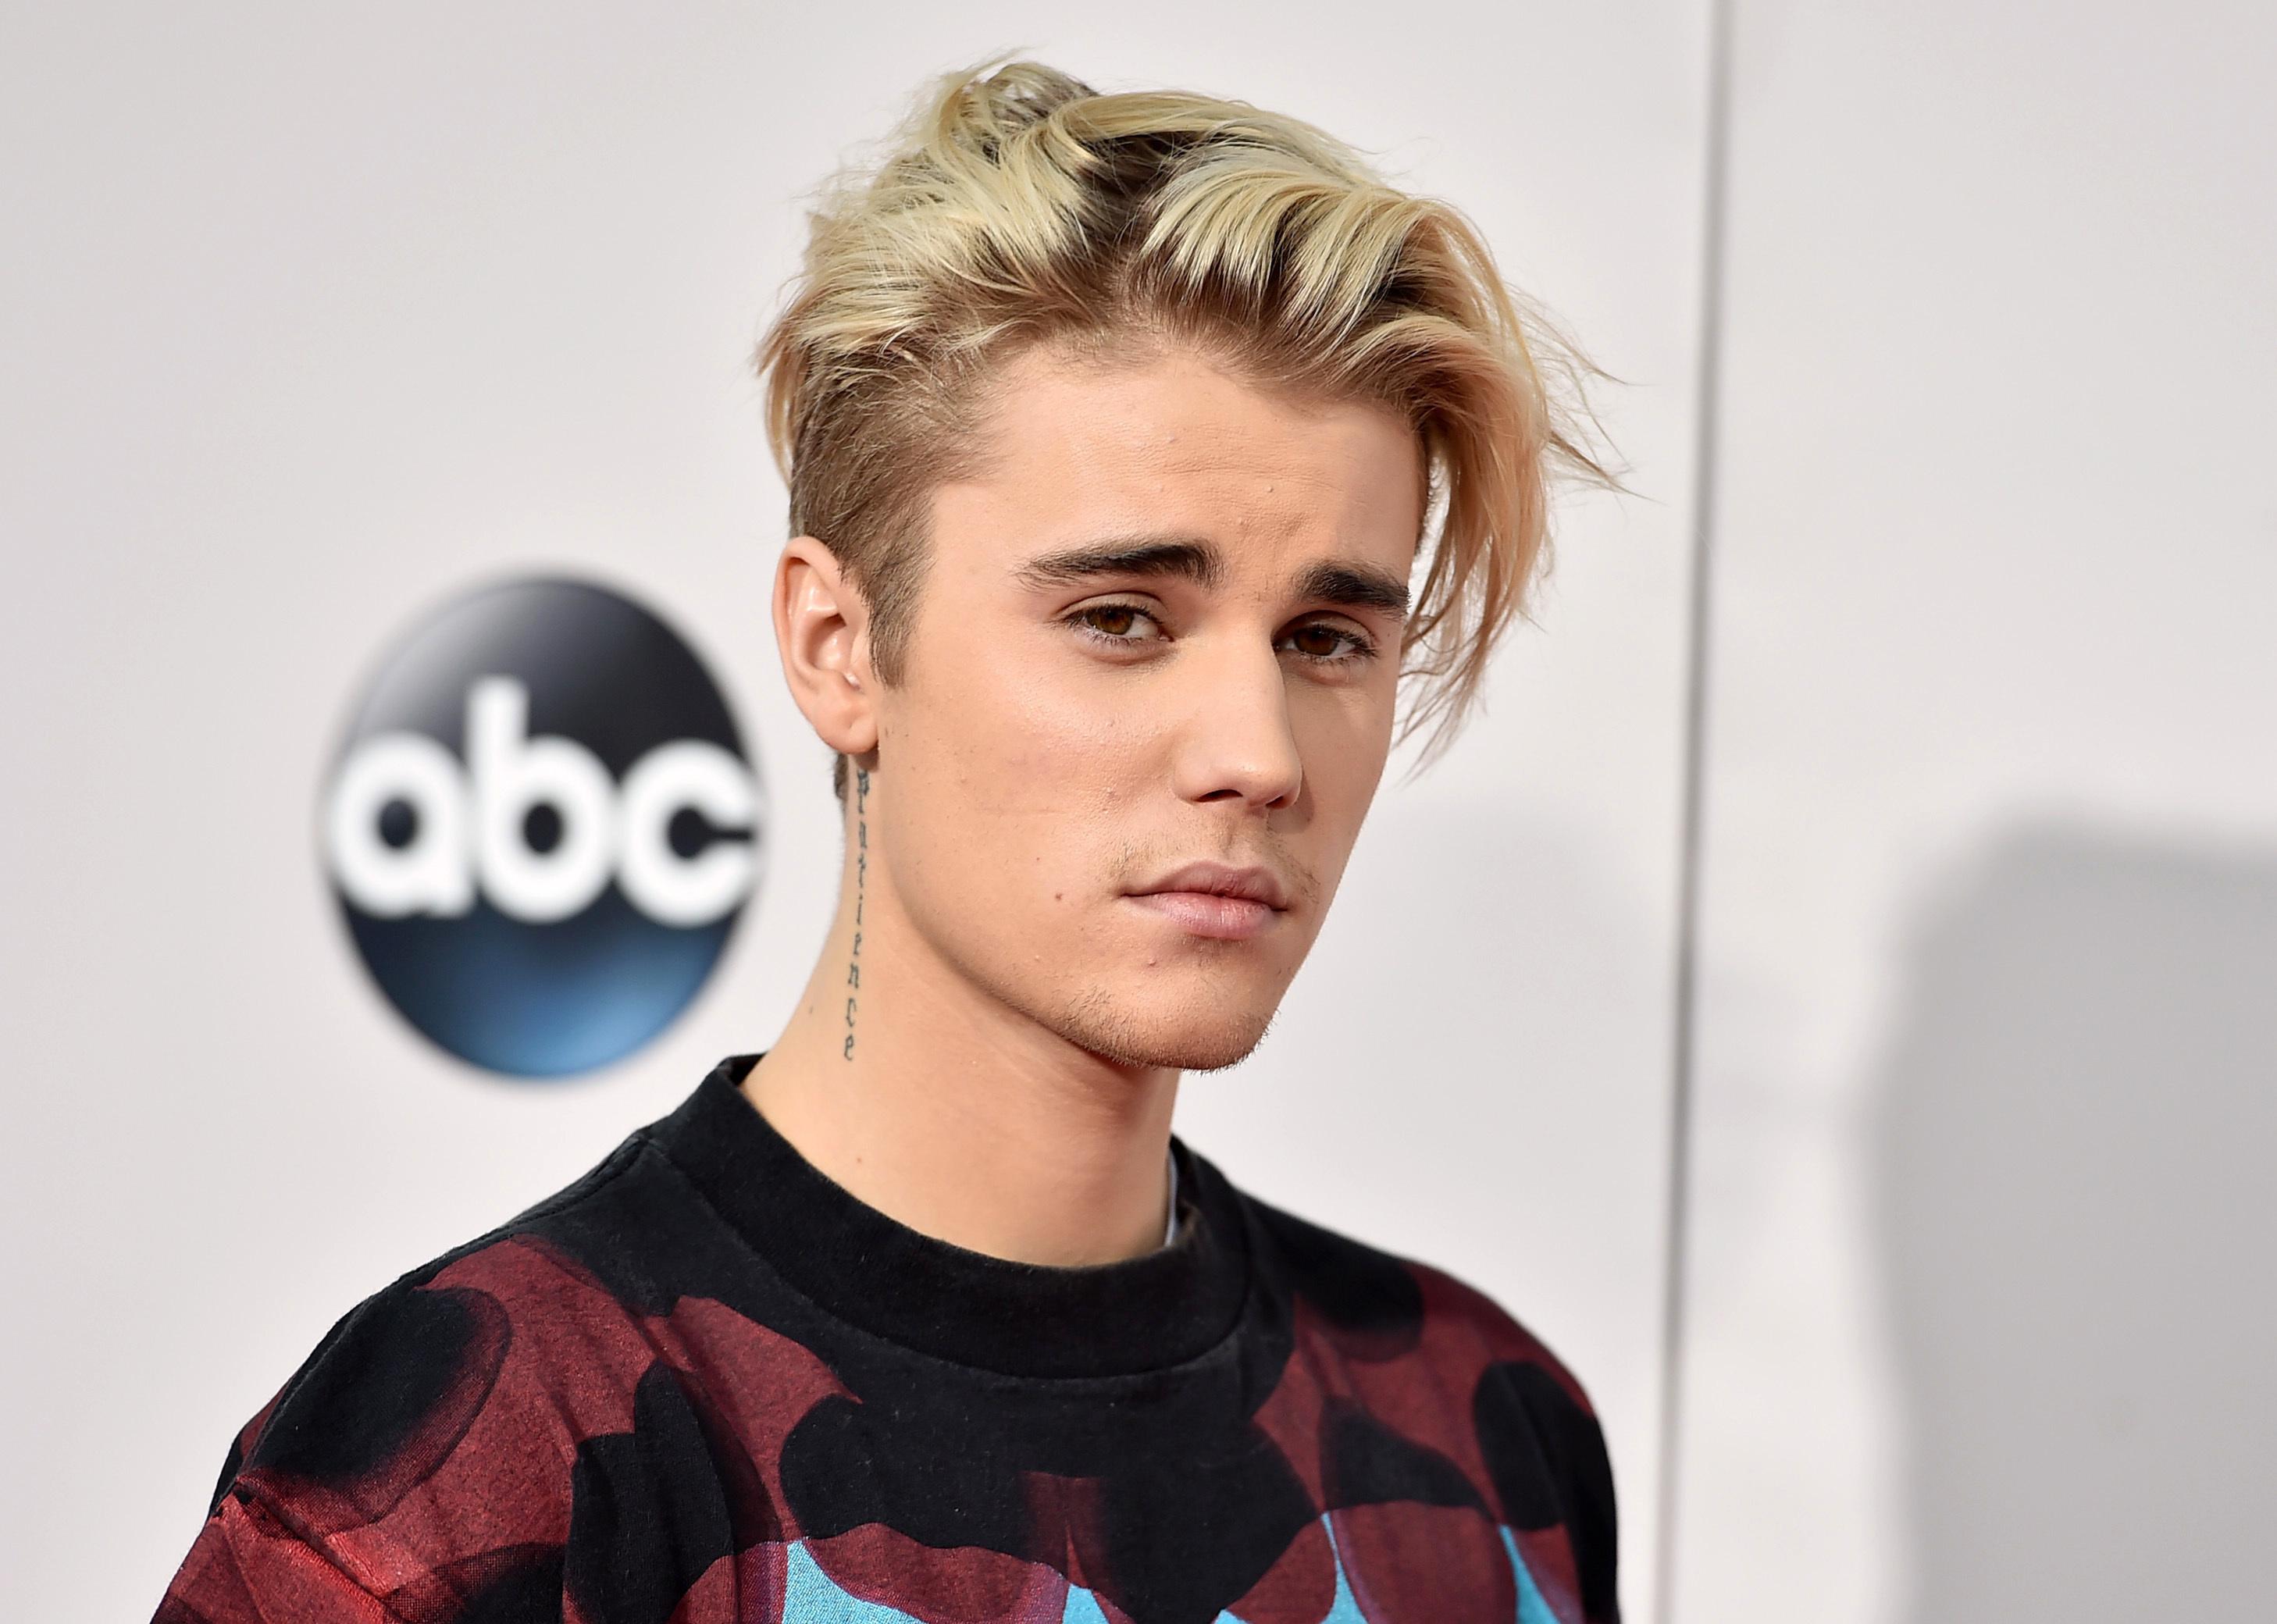 Oops! Bieber not back on Instagram after a 2-week break